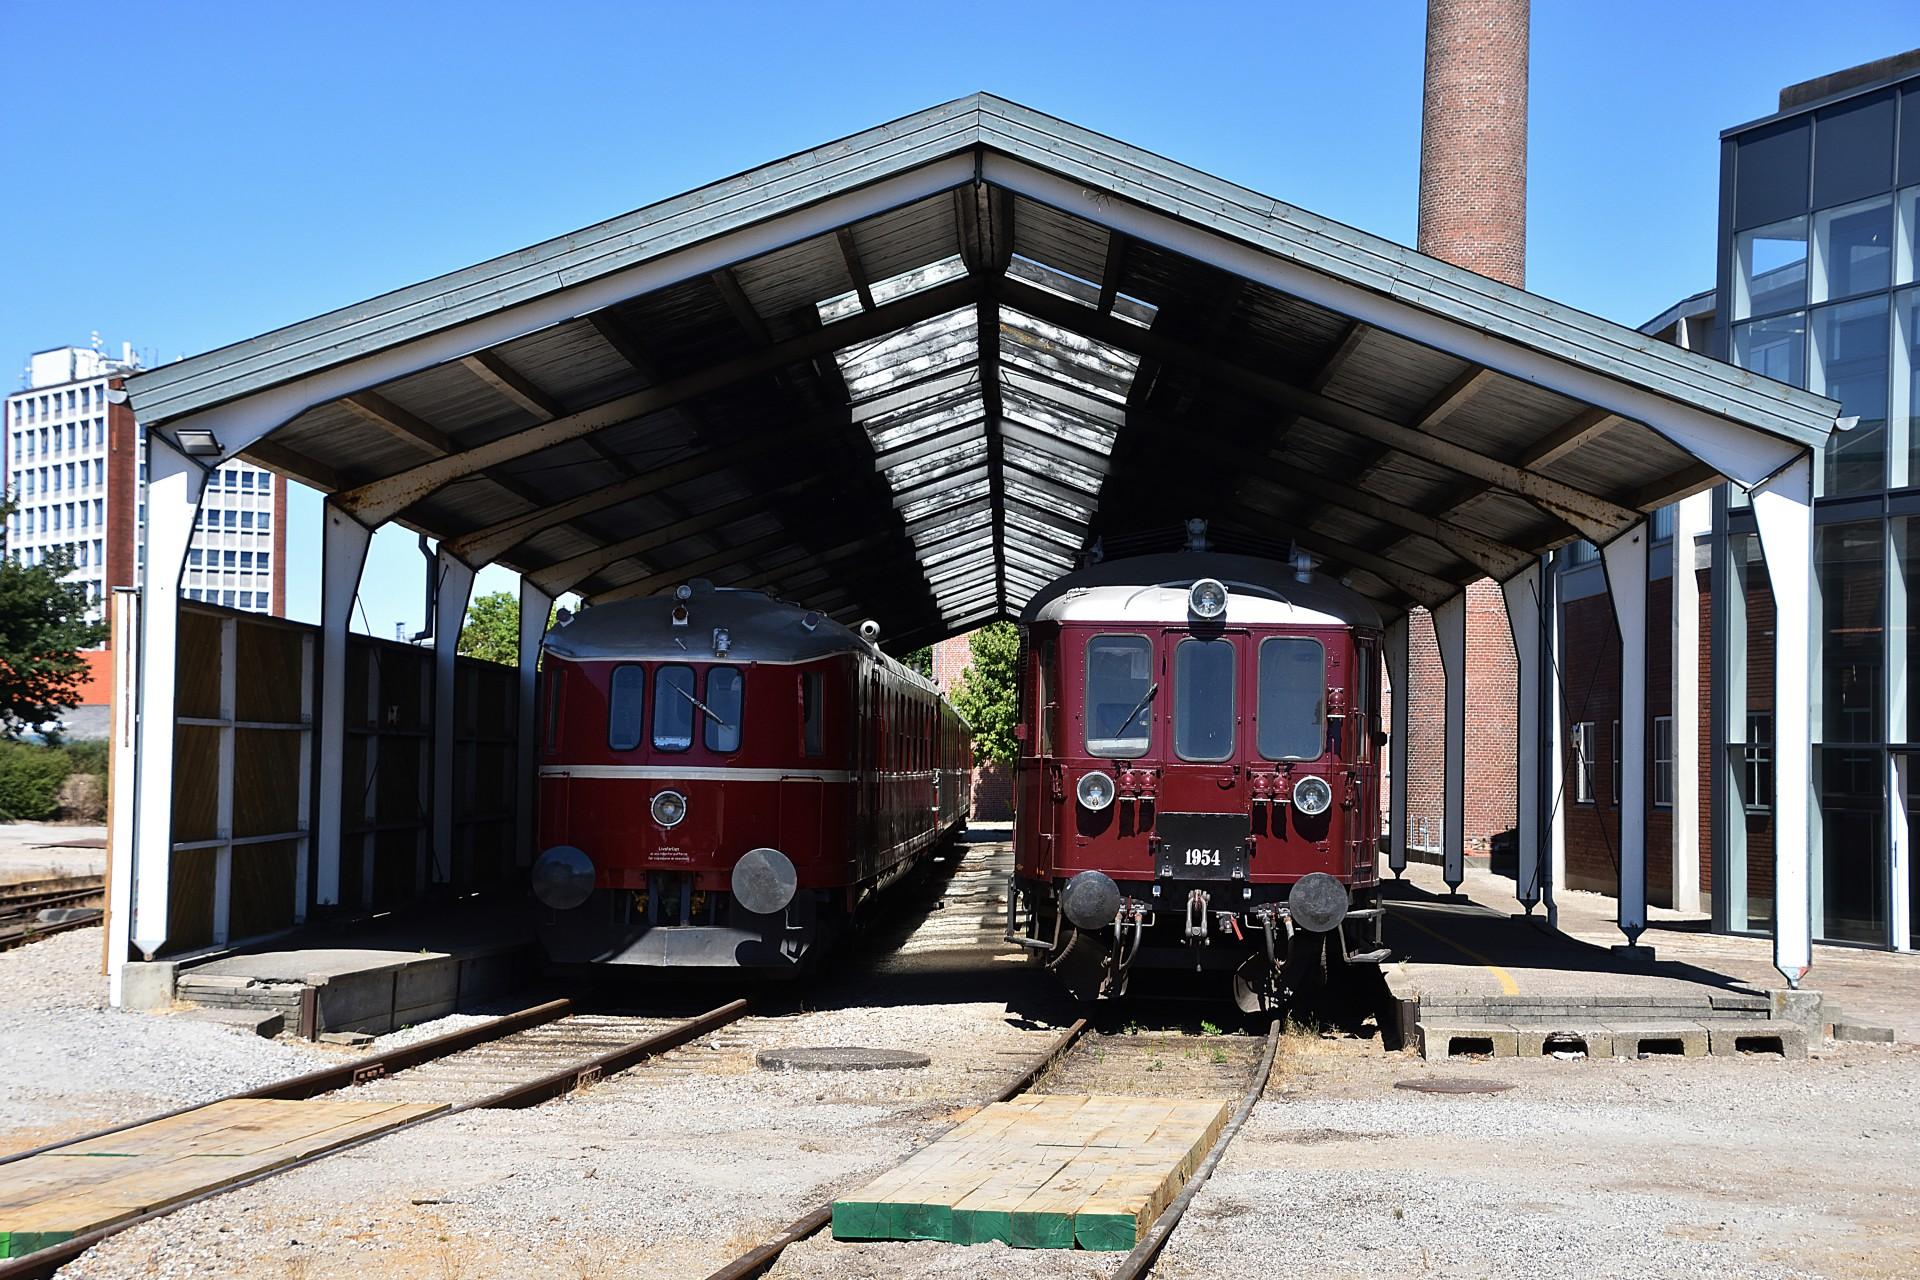 Sommerkørsel Med Mo 1846 Danmarks Jernbanemuseum Simontogdk